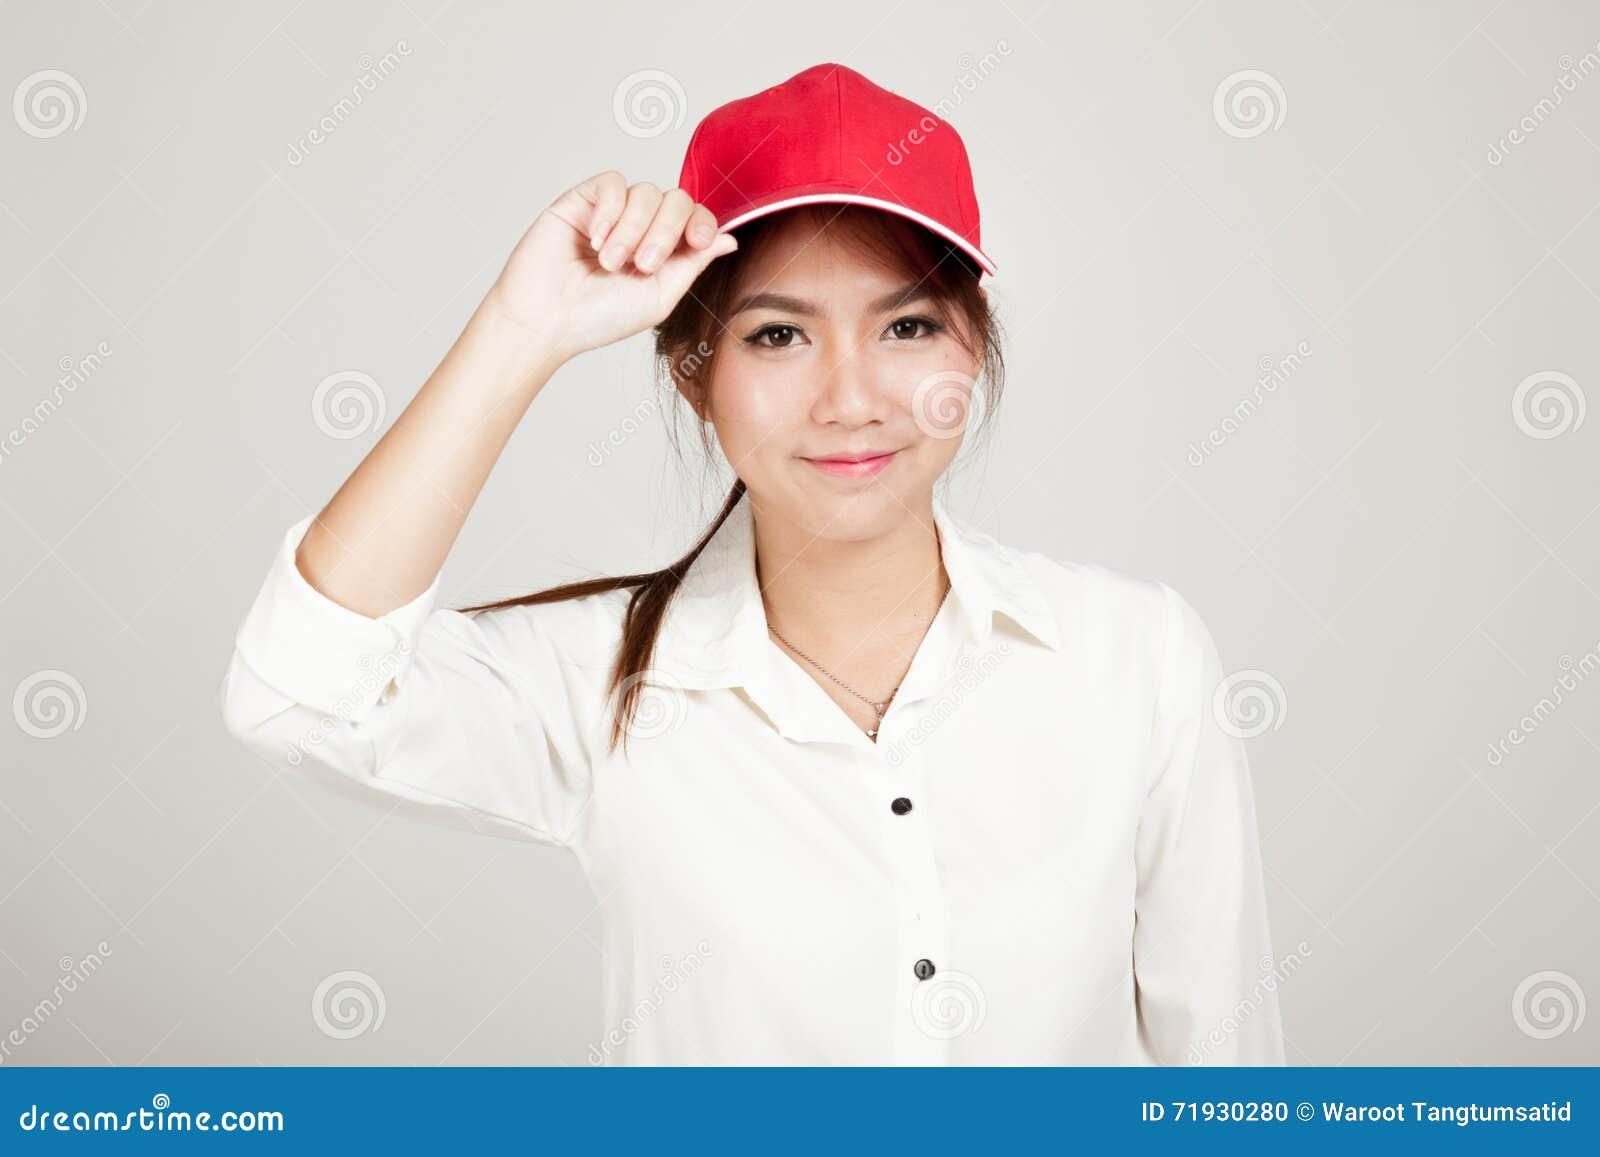 Glückliches asiatisches Mädchen mit rotem Hut